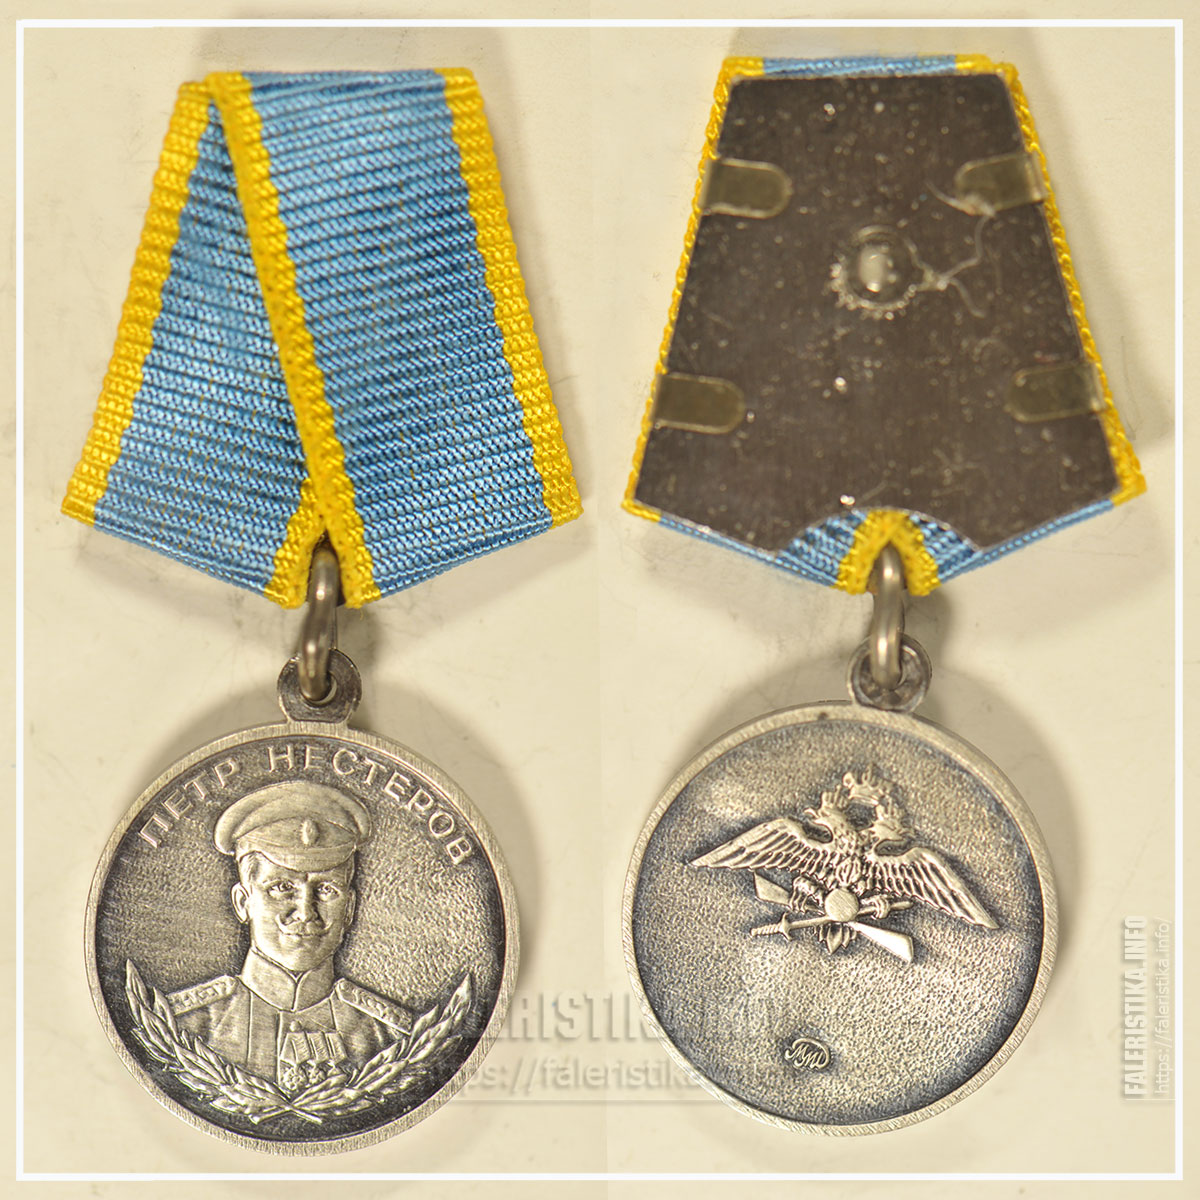 Медаль Нестерова. Миниатюрная копия знака (фрачник). Московский монетный двор